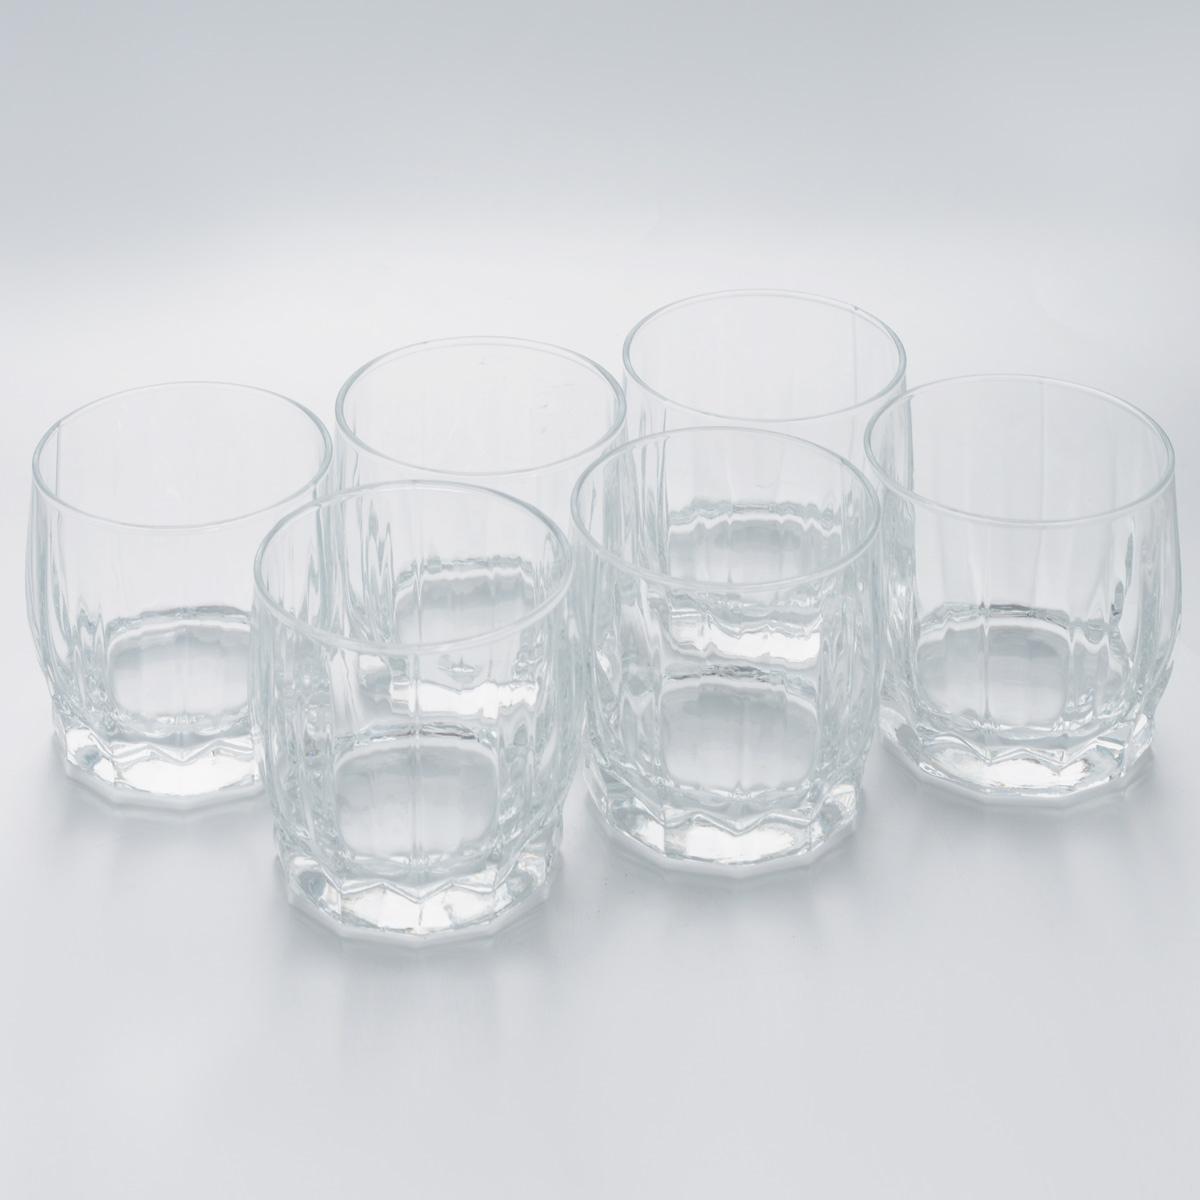 Набор стаканов Pasabahce Dance, 290 мл, 6 шт42865/Набор Pasabahce Dance состоит из шести стаканов, выполненных из закаленного натрий-кальций-силикатного стекла. Низкие граненые стаканы с широким горлышком предназначены для подачи воды, сока, компота и других напитков. Стаканы сочетают в себе элегантный дизайн и функциональность.Набор стаканов Pasabahce Dance идеально подойдет для сервировки стола и станет отличным подарком к любому празднику.Можно использовать в морозильной камере и микроволновой печи. Можно мыть в посудомоечной машине. Диаметр стакана (по верхнему краю): 7,5 см. Высота стакана: 8,5 см.